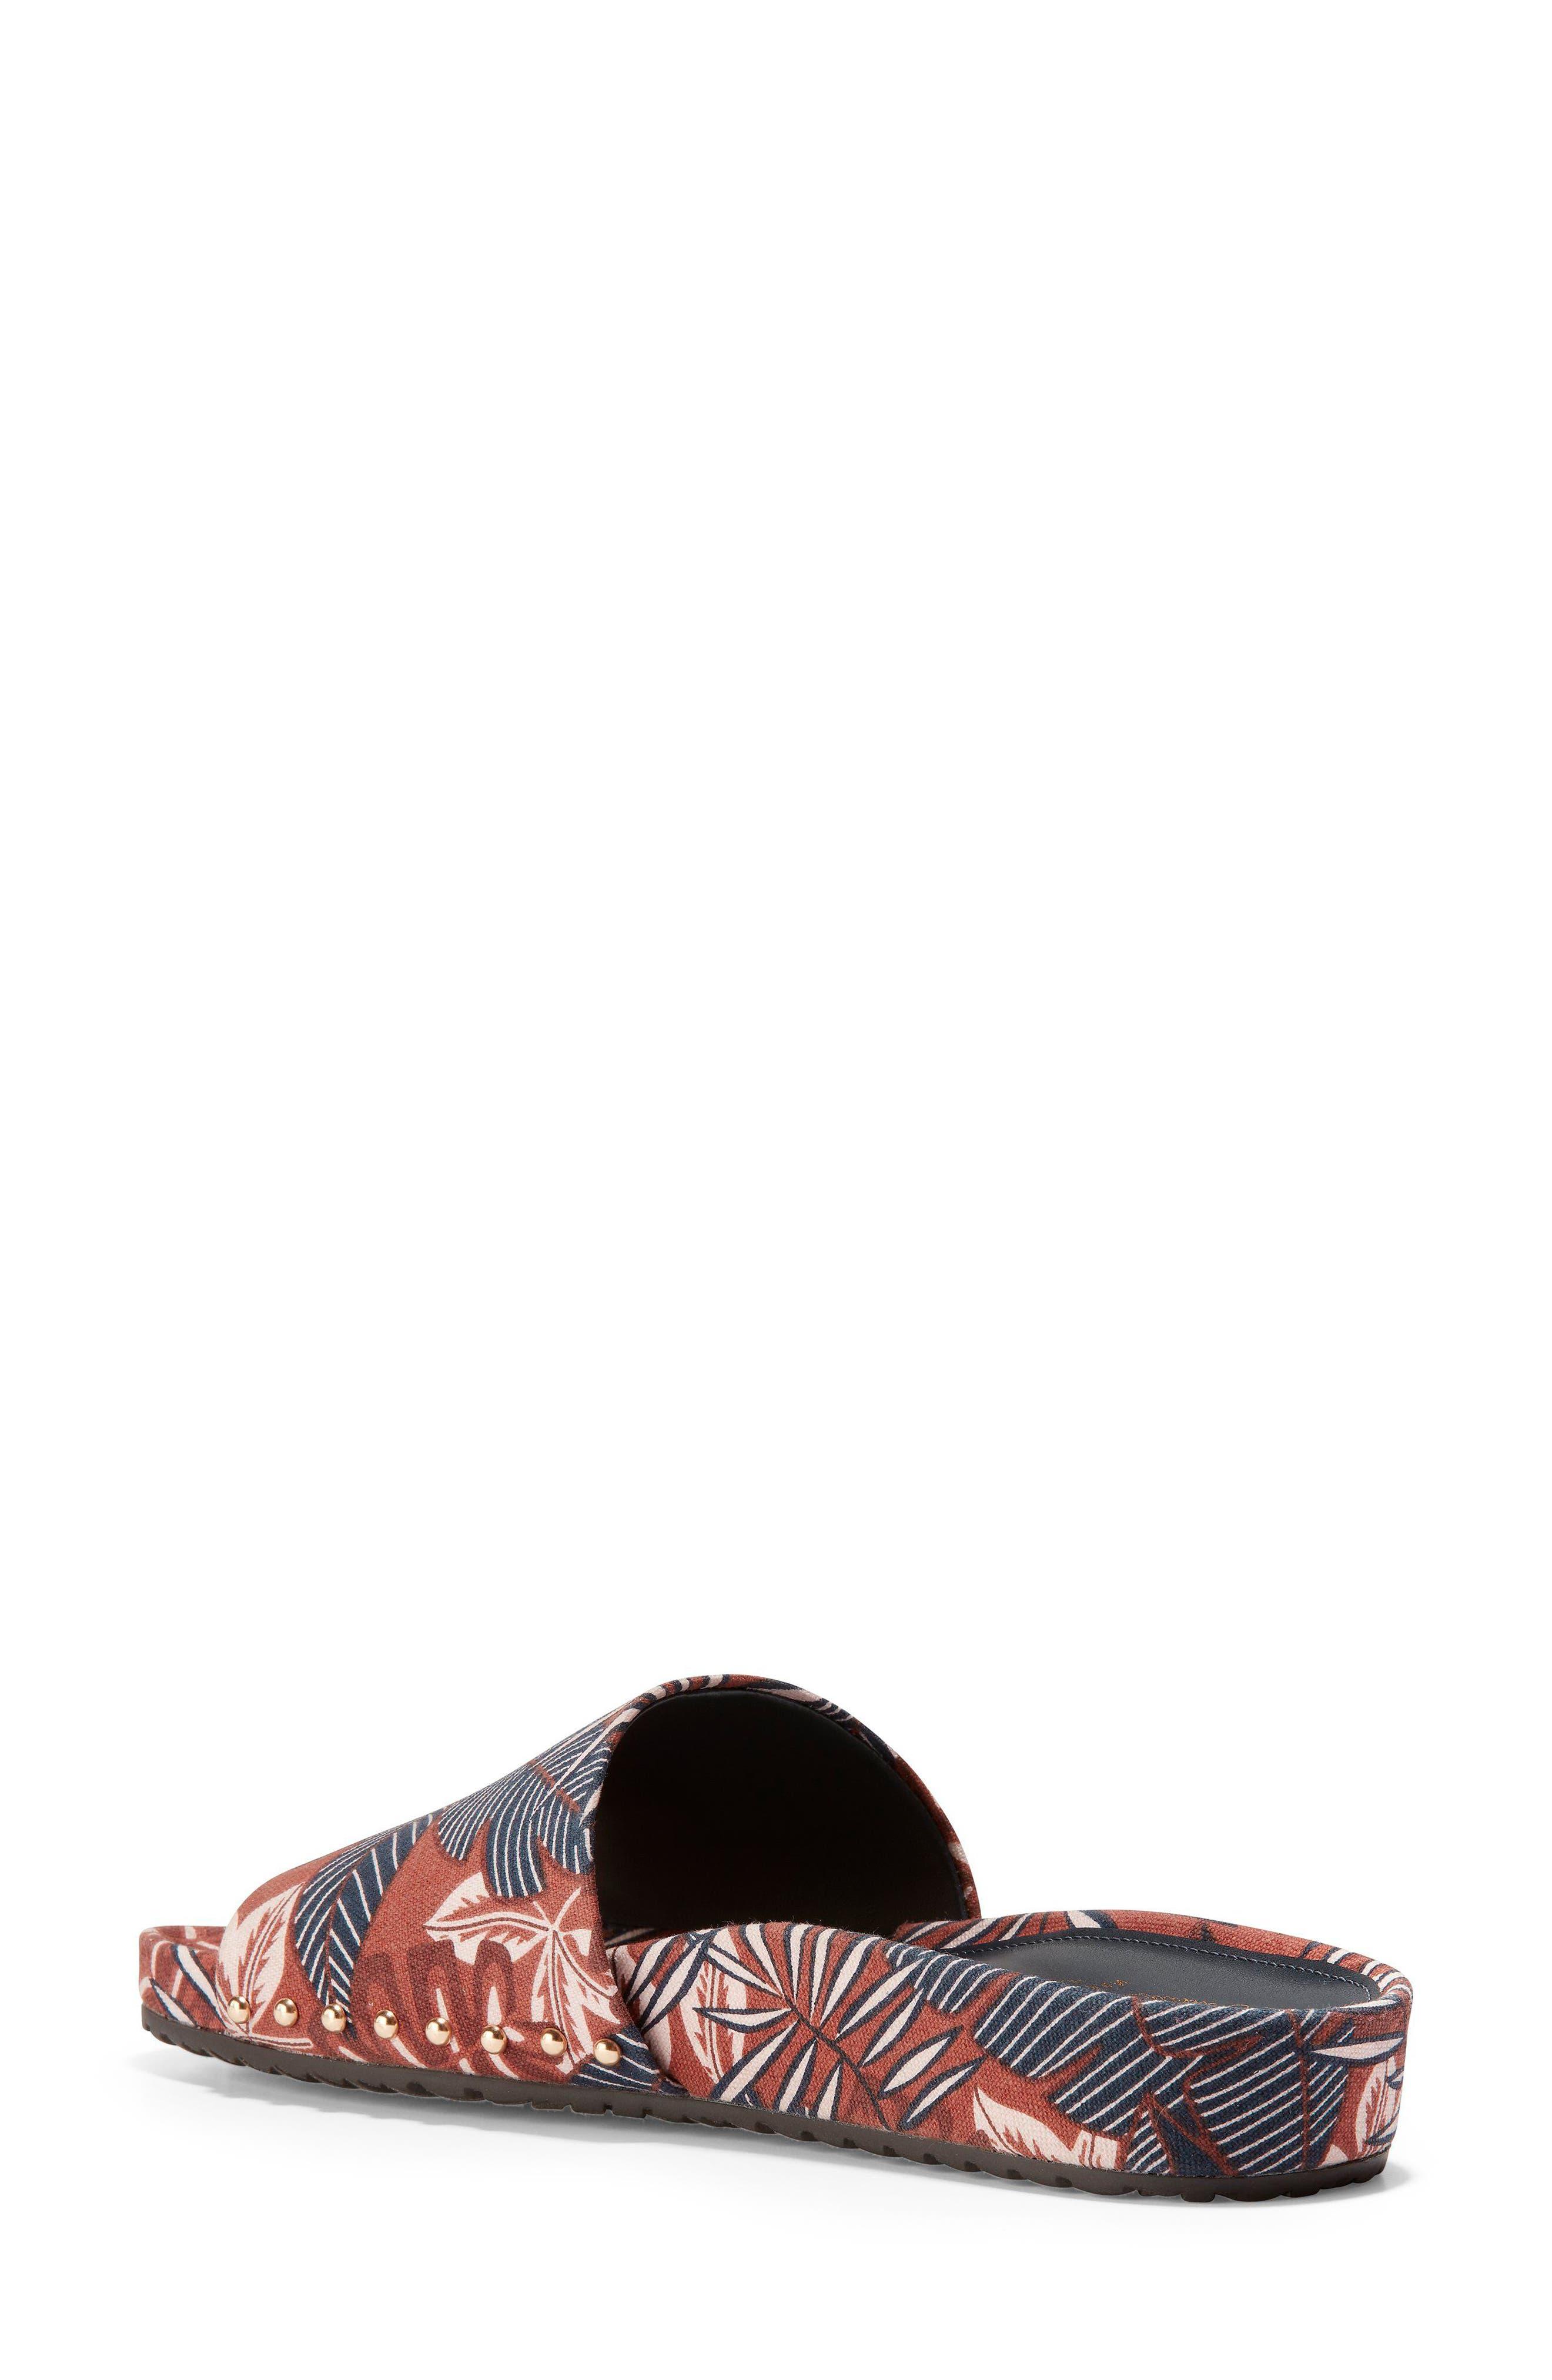 Pinch Montauk Print Slide Sandal,                             Alternate thumbnail 2, color,                             400